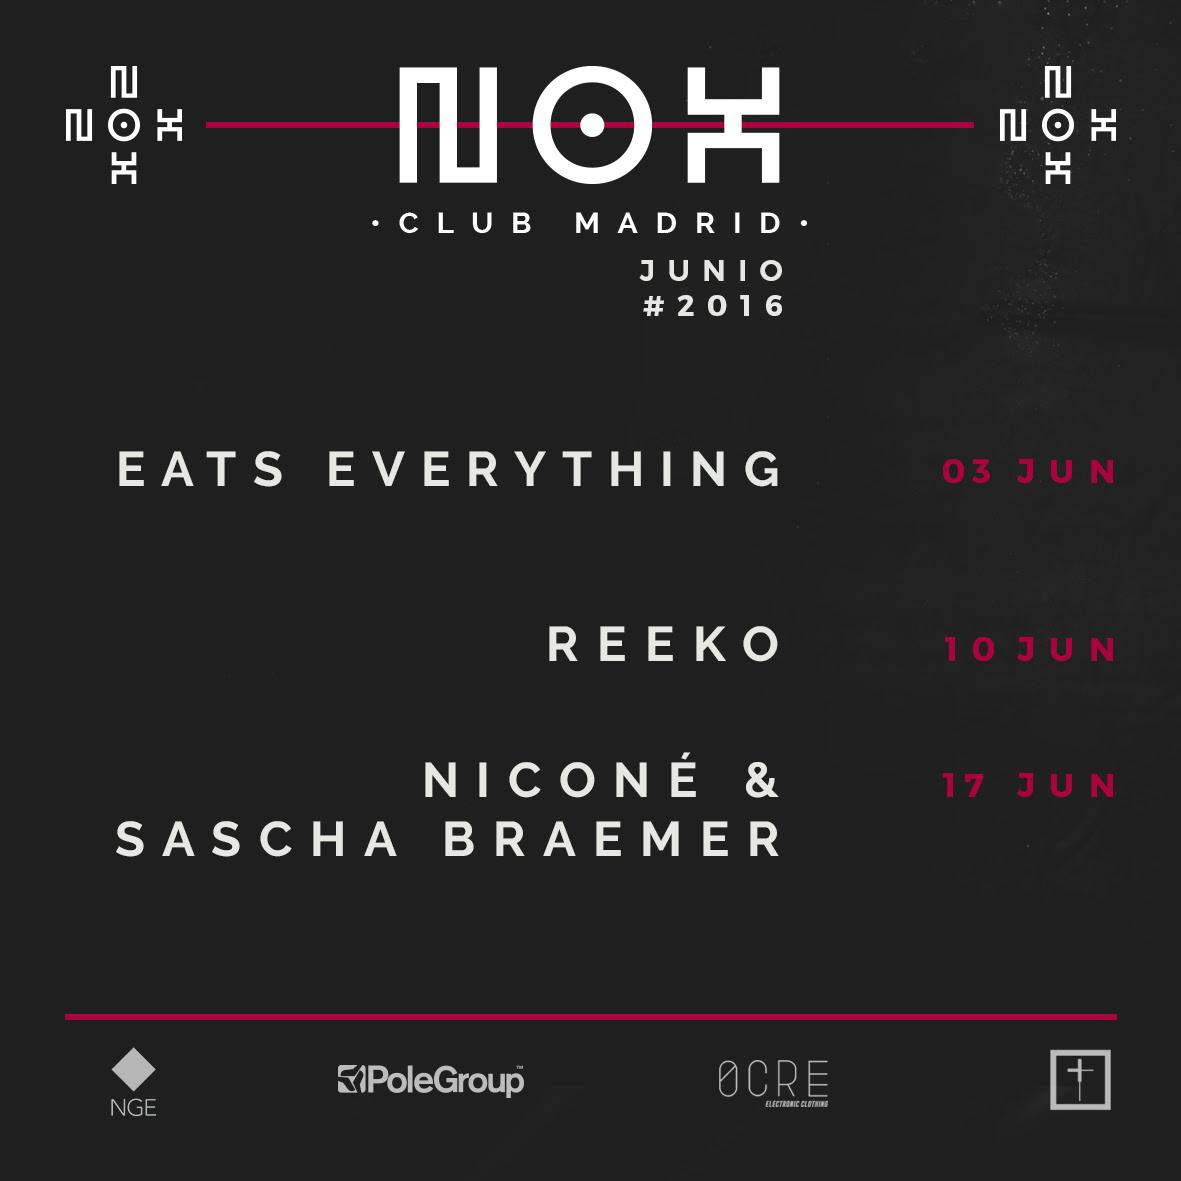 Nox-junio-EDMred Eats Everithings estrena junio en NOX